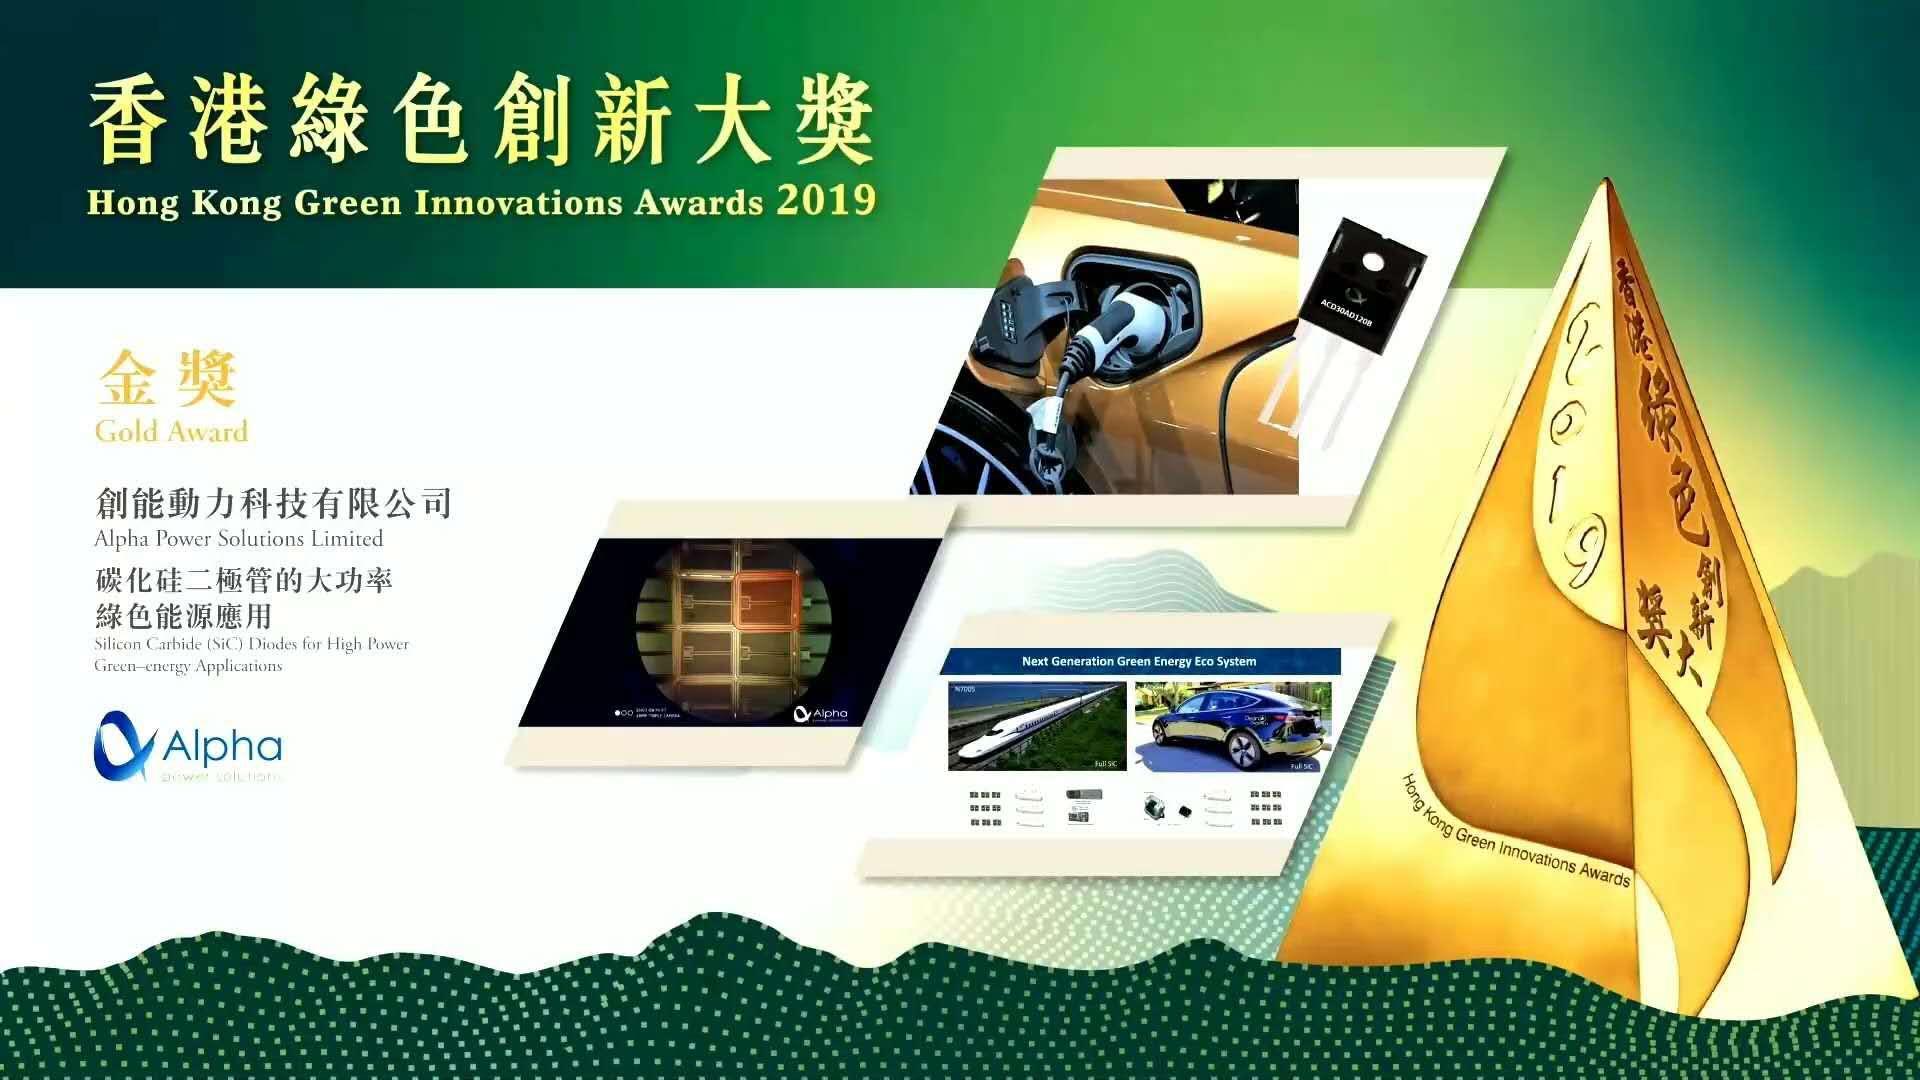 Green Innovation Awards - Golden Award 2019